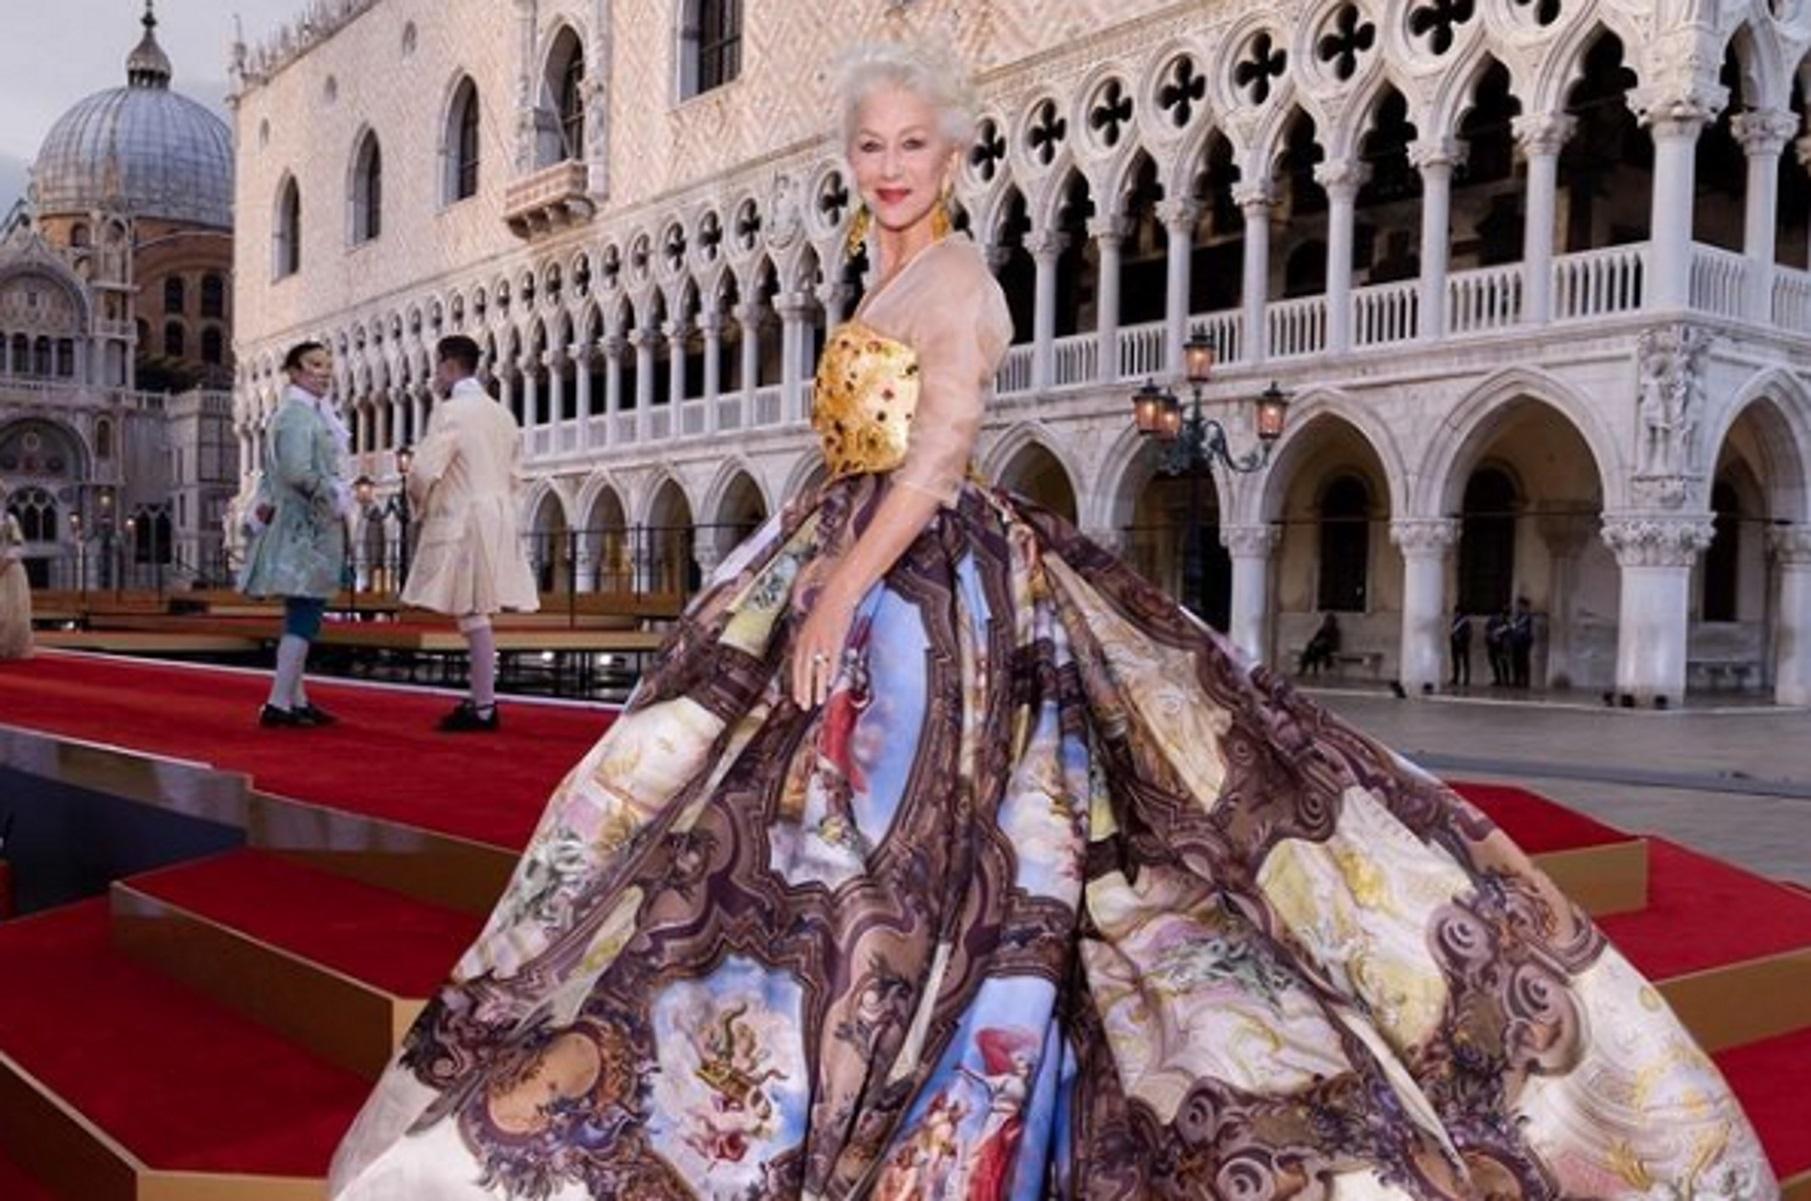 Έλεν Μίρεν: Αστραφτερές εμφανίσεις στη Βενετία – Χρυσό μπούστο με διάφανα κρύσταλλα